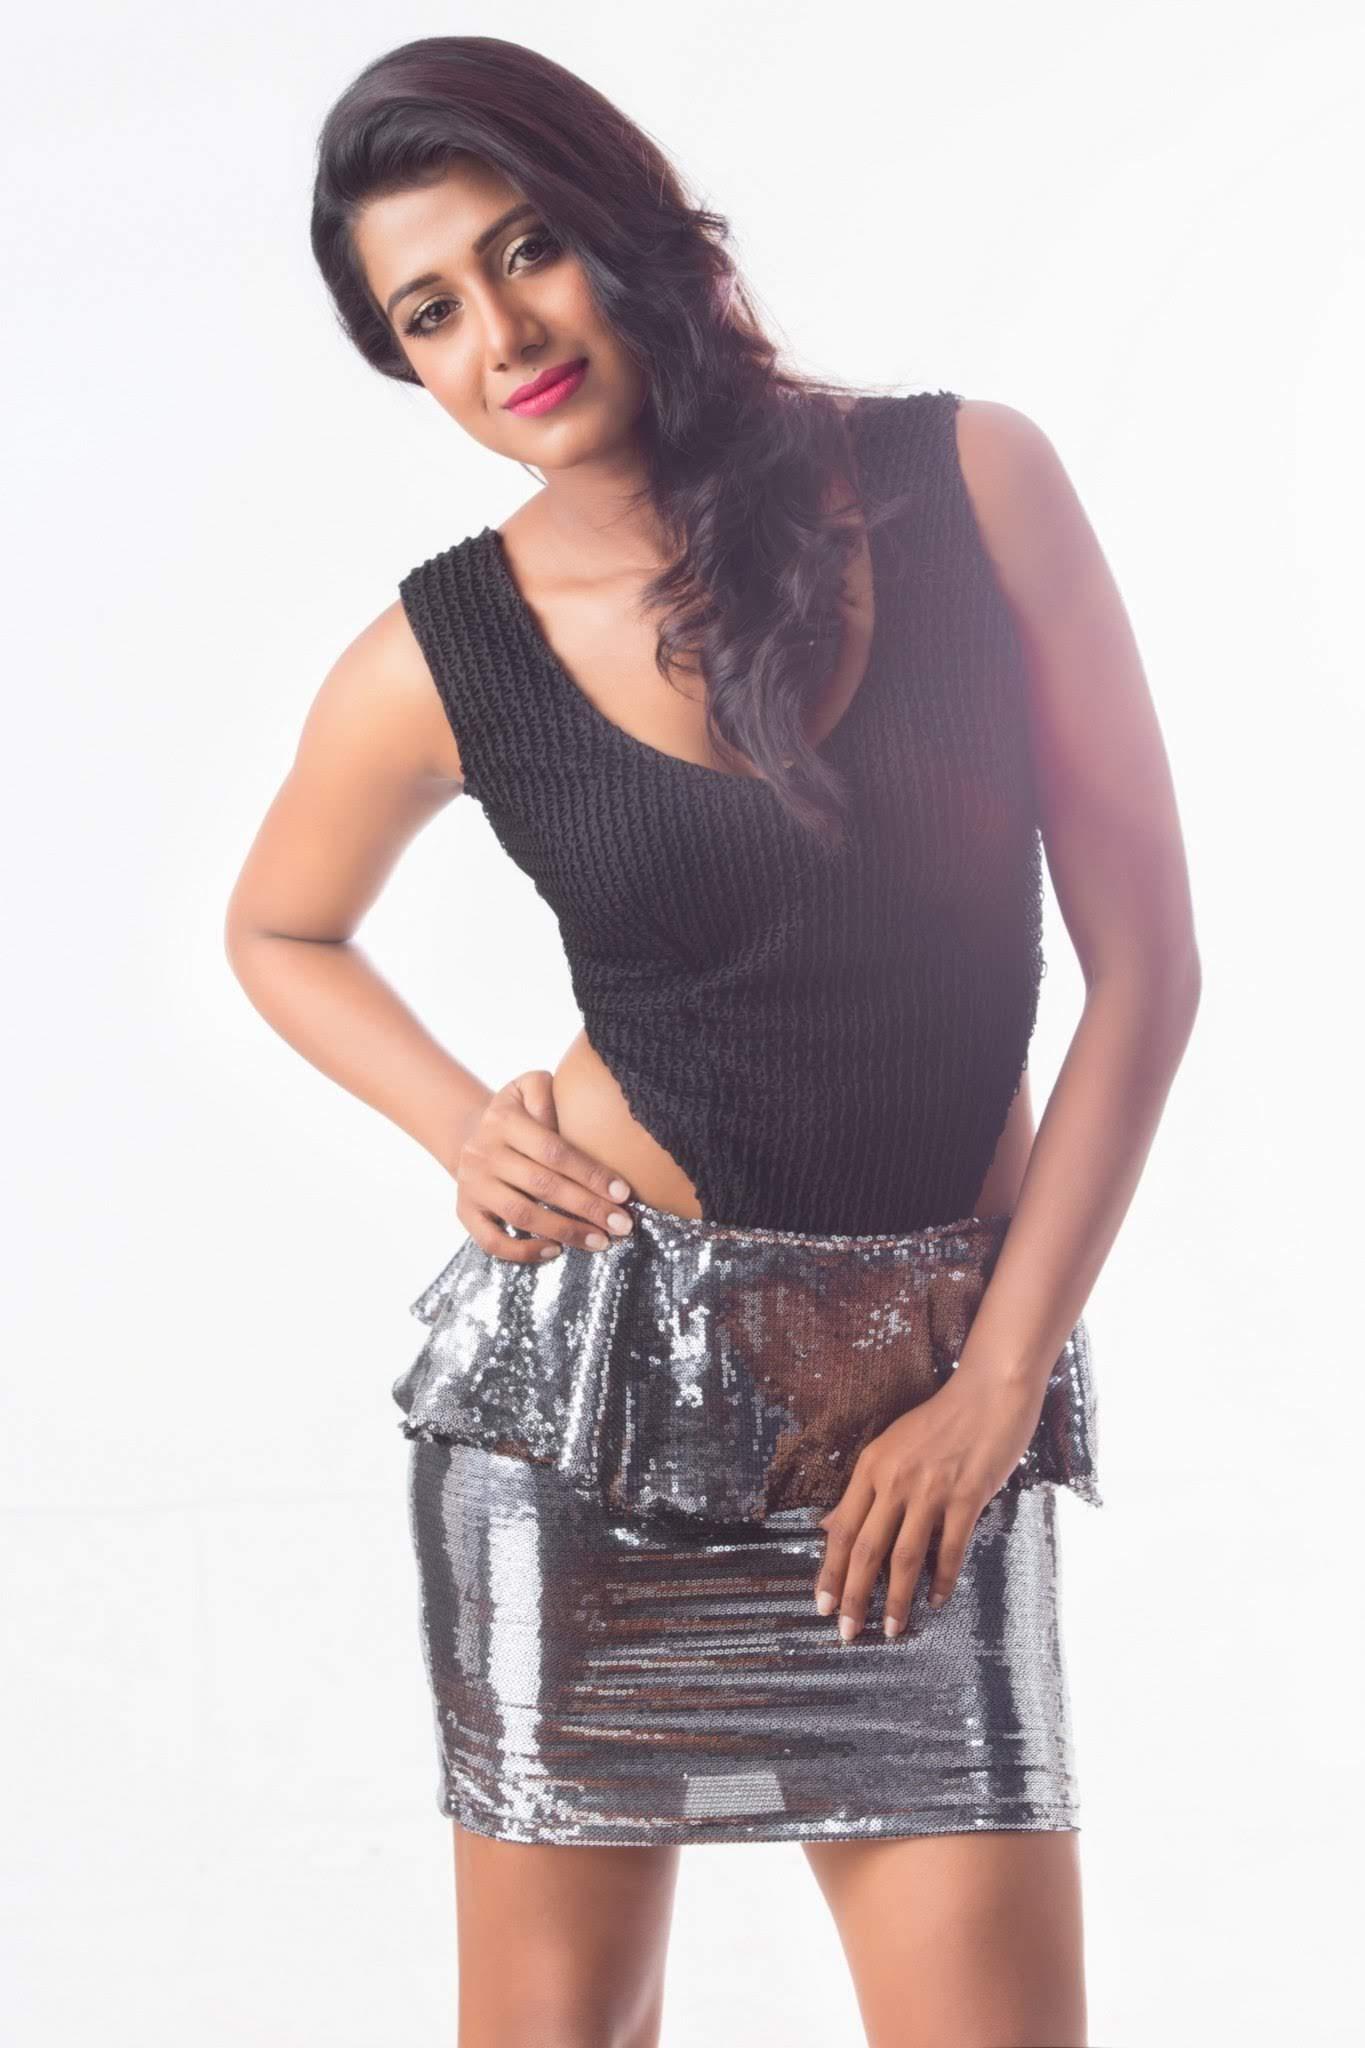 Shilpa-Manjunath-image-25